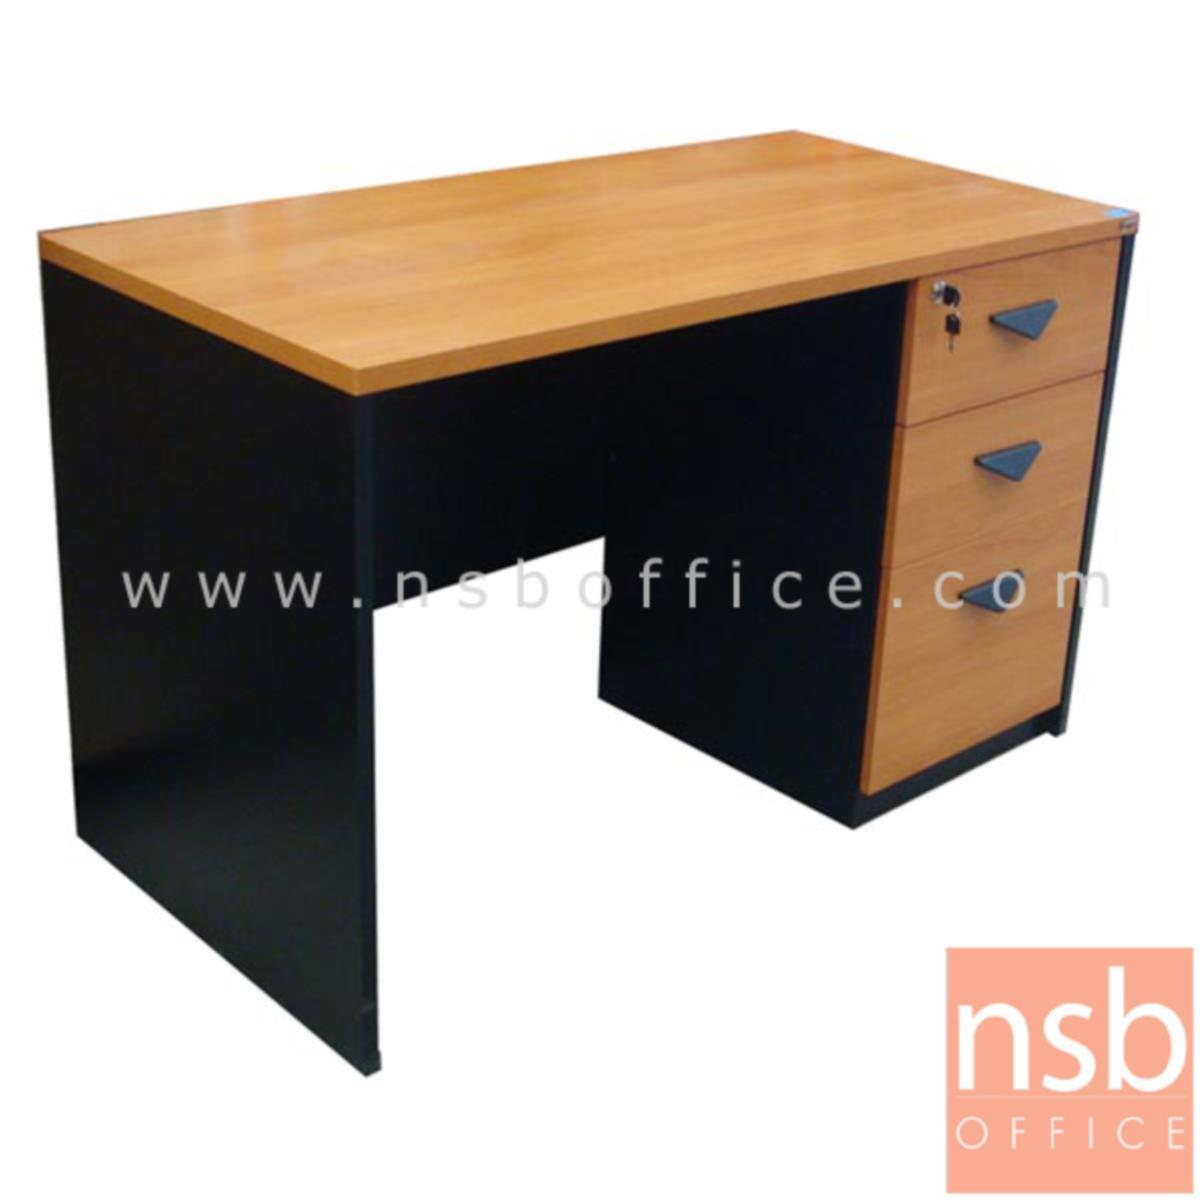 โต๊ะทำงาน 3 ลิ้นชัก รุ่น Pierce (เพียซ) ขนาด 120W cm. เมลามีน